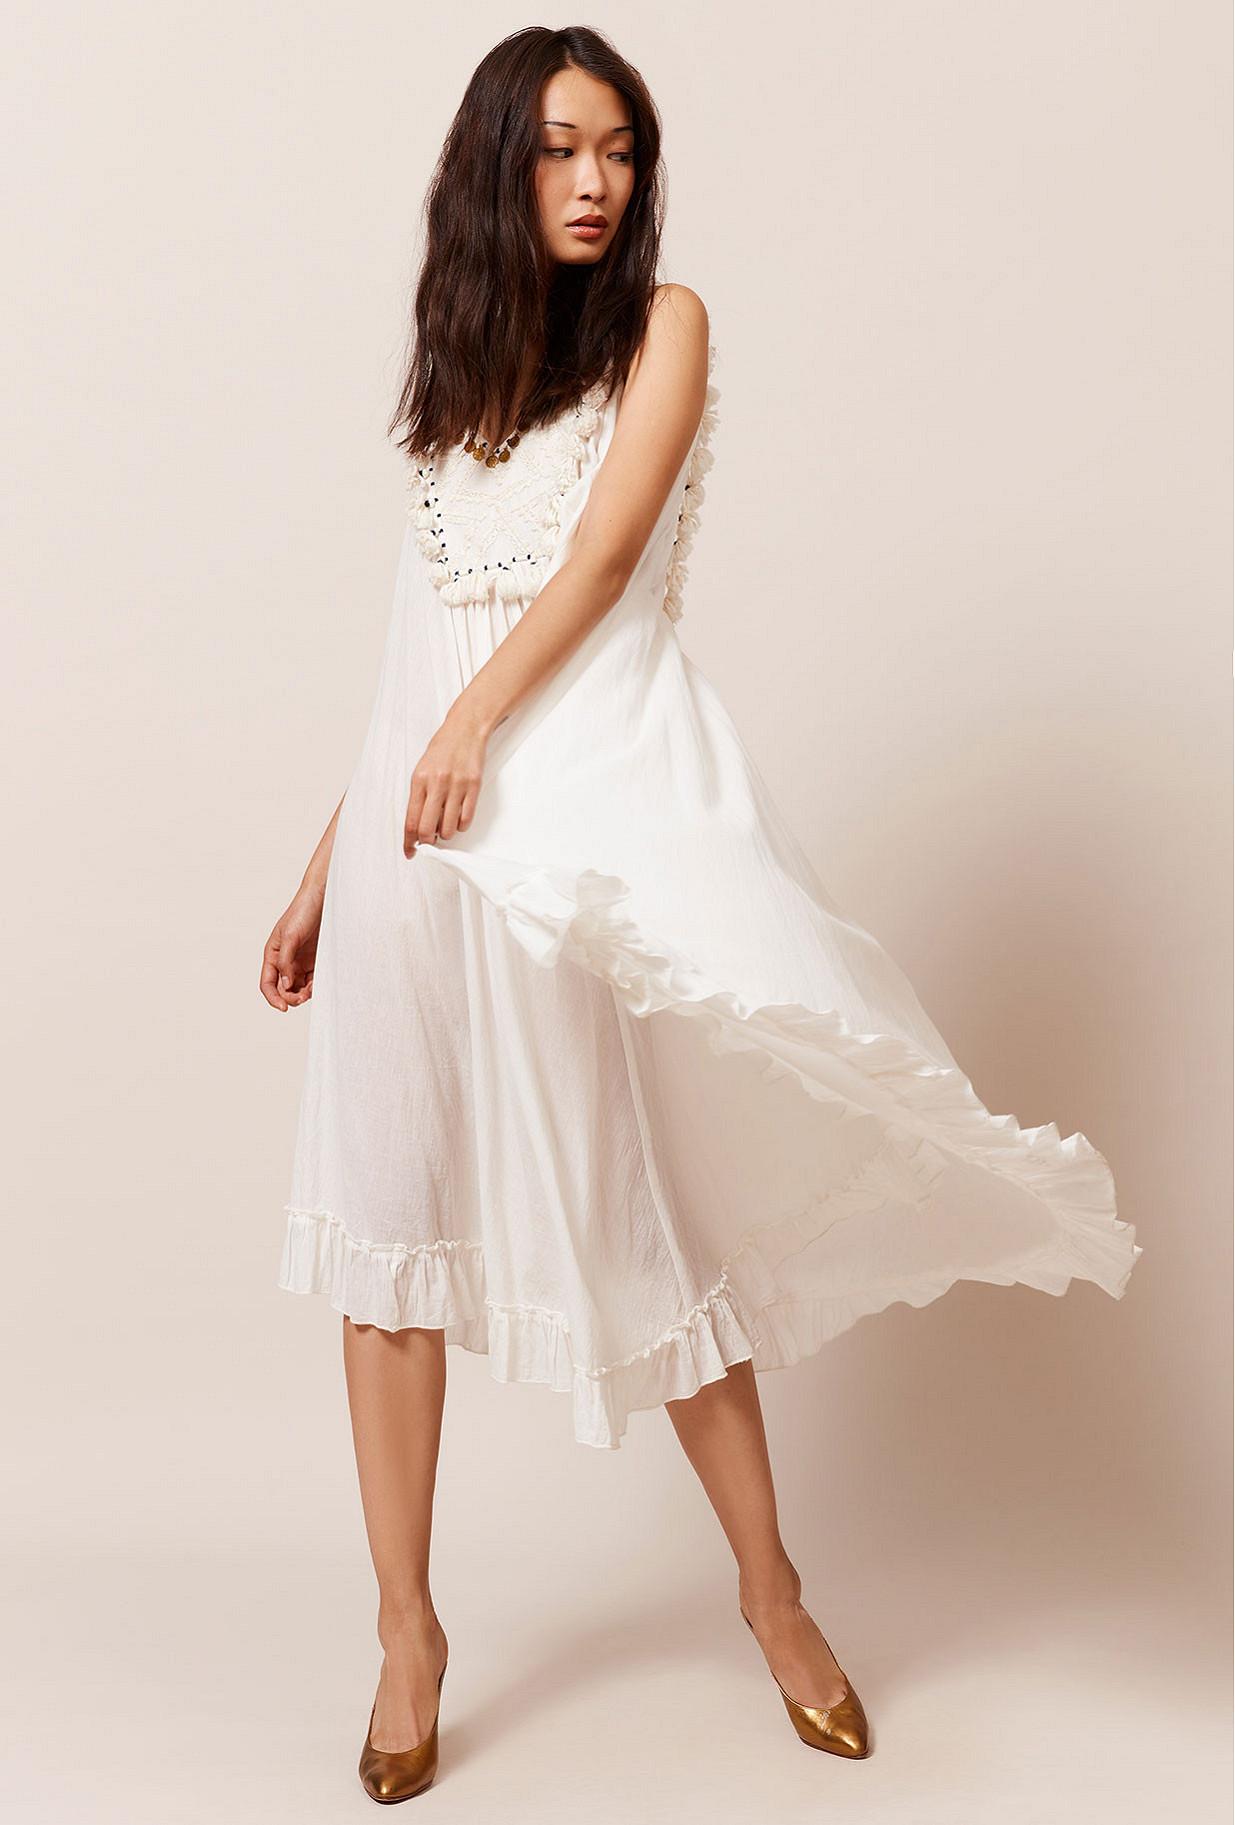 Paris boutique de mode vêtement Robe créateur bohème Bodega